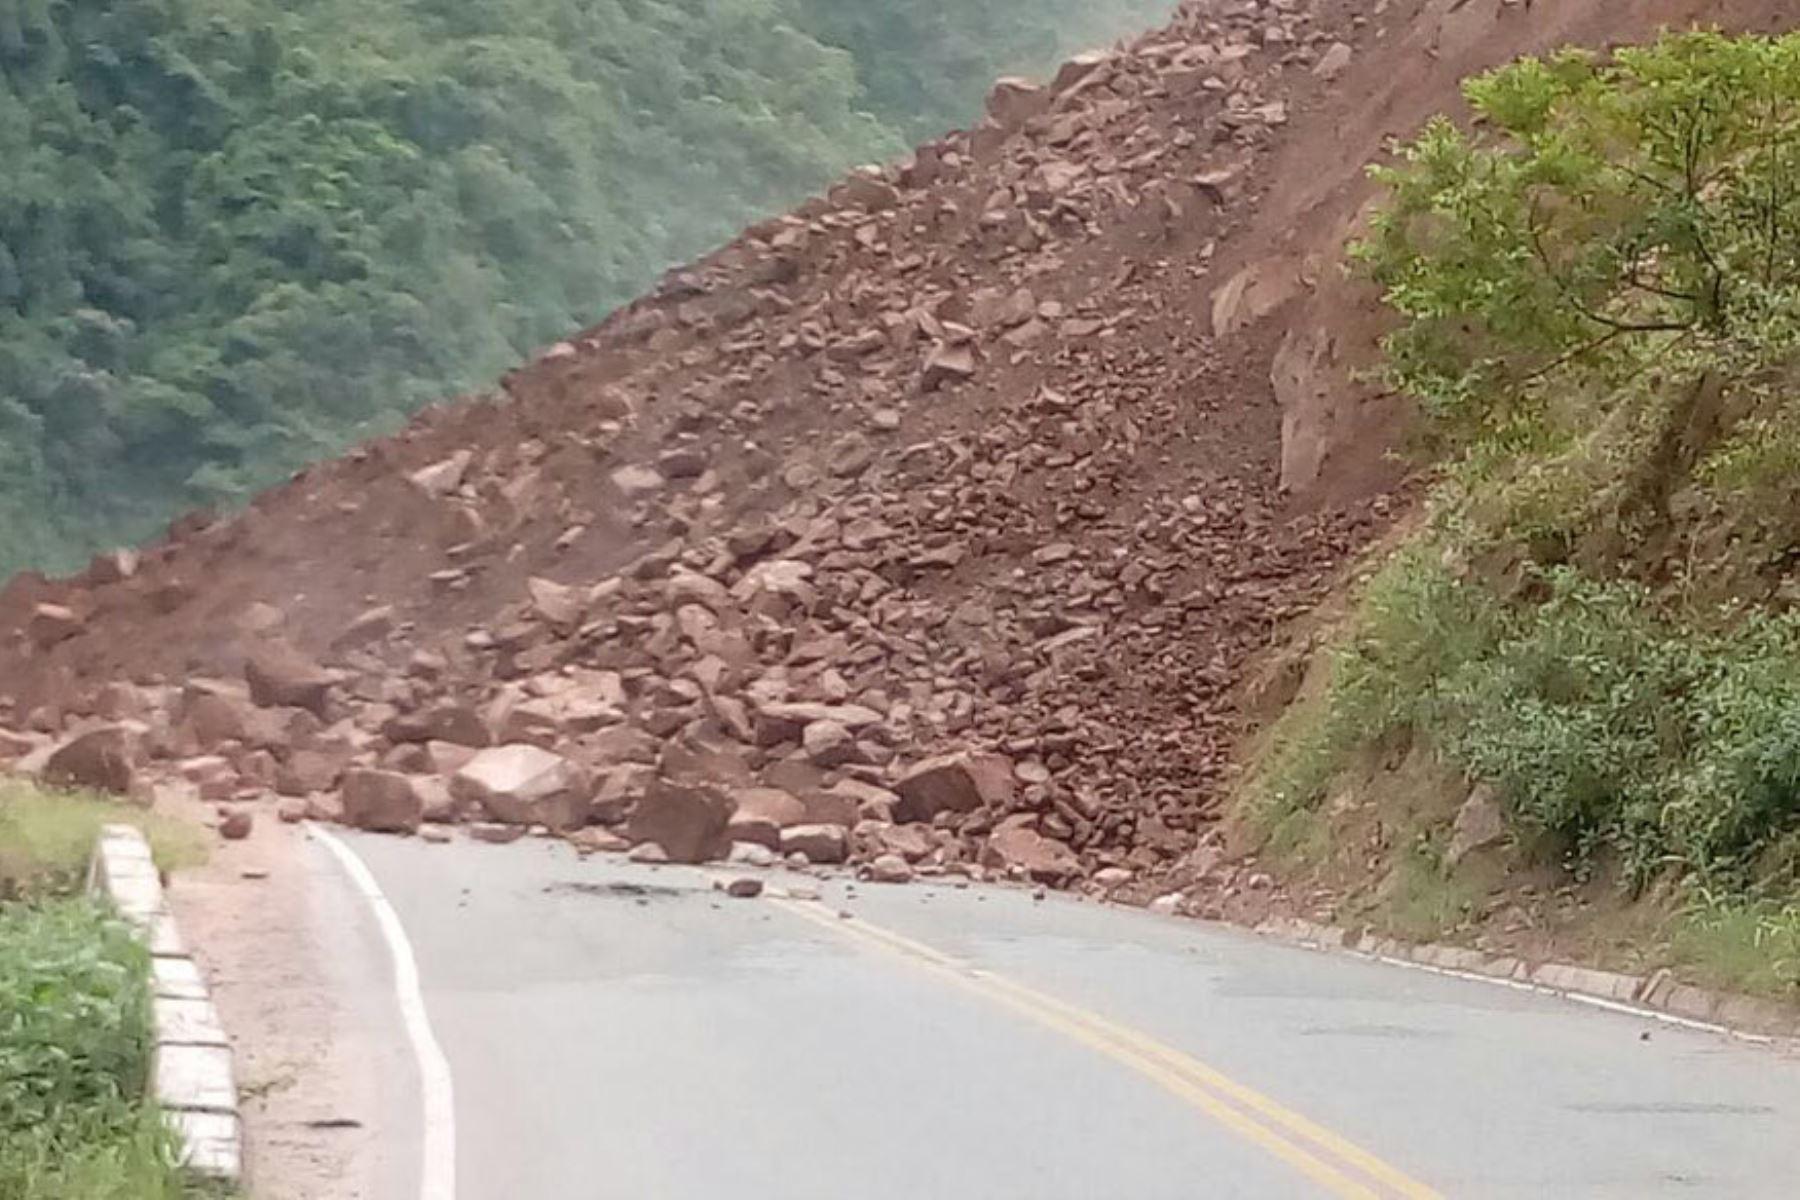 Un derrumbe interrumpe el tránsito en la carretera IIRSA Norte, en la región Amazonas. ANDINA/Difusión